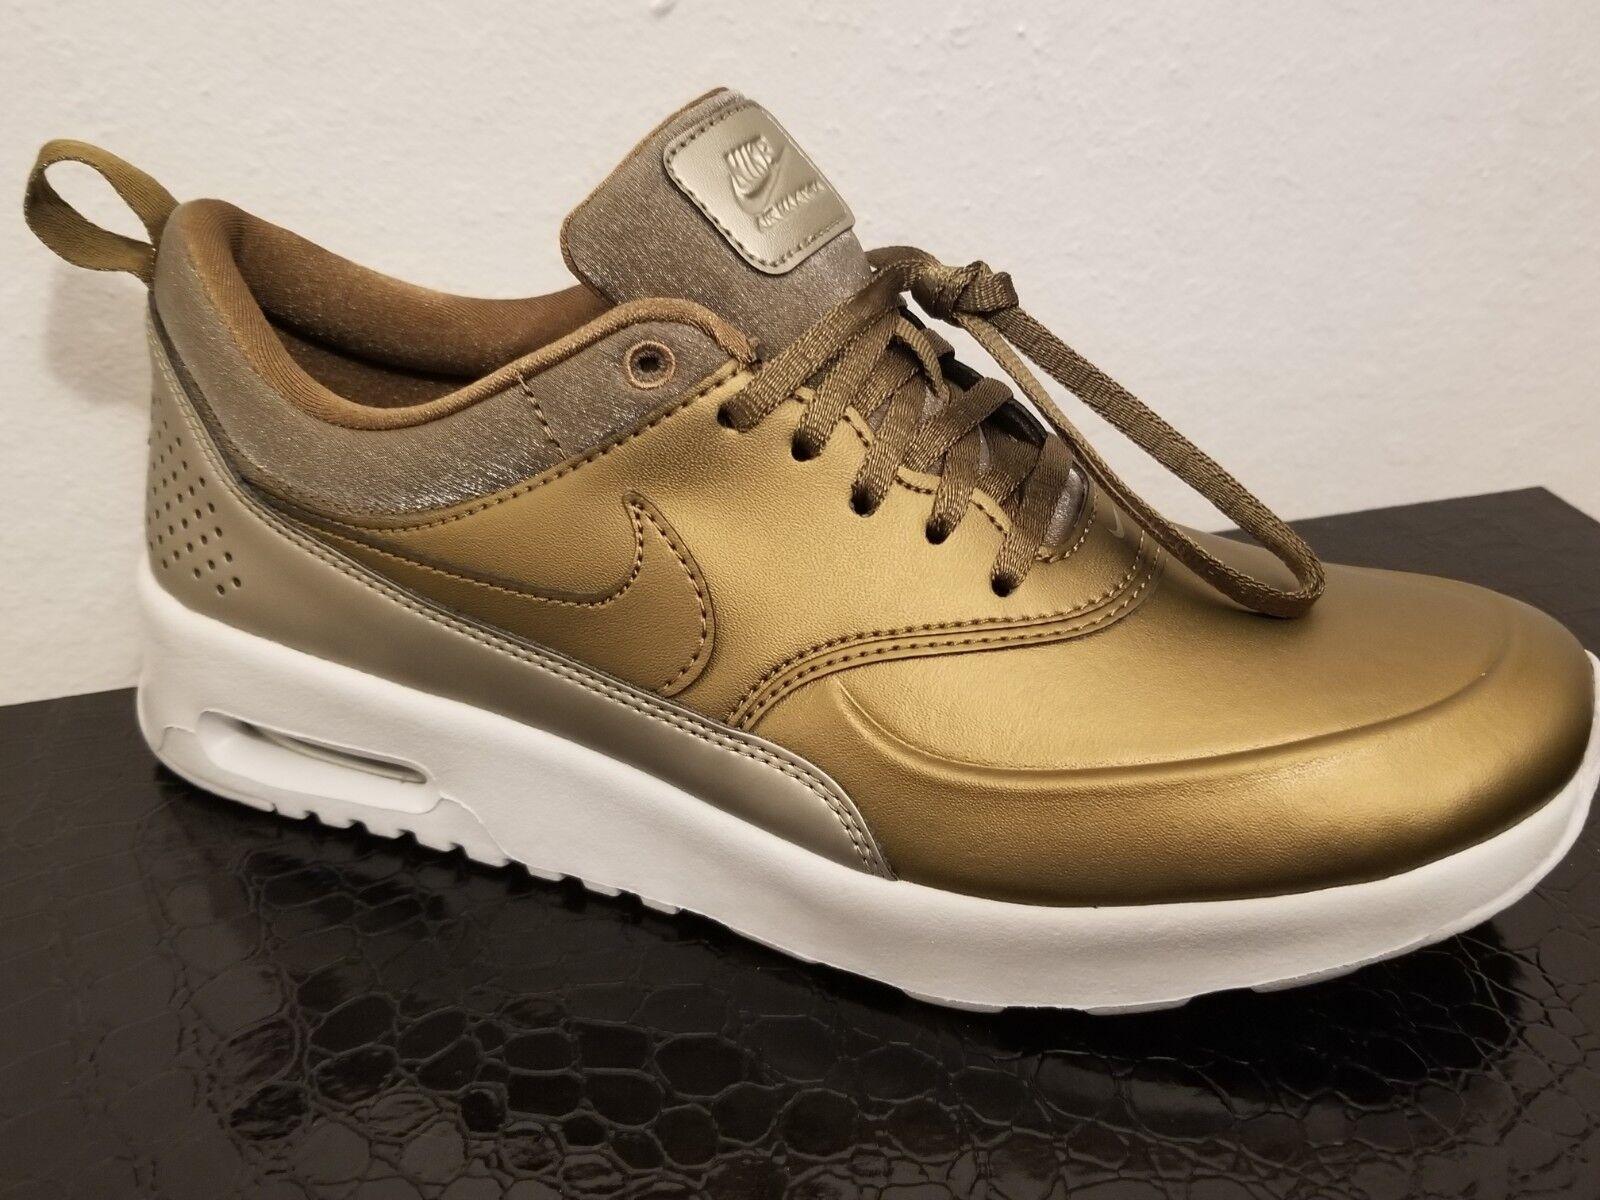 Nike Nike Nike Air Max Thea Premium Women Sneakers Metallic